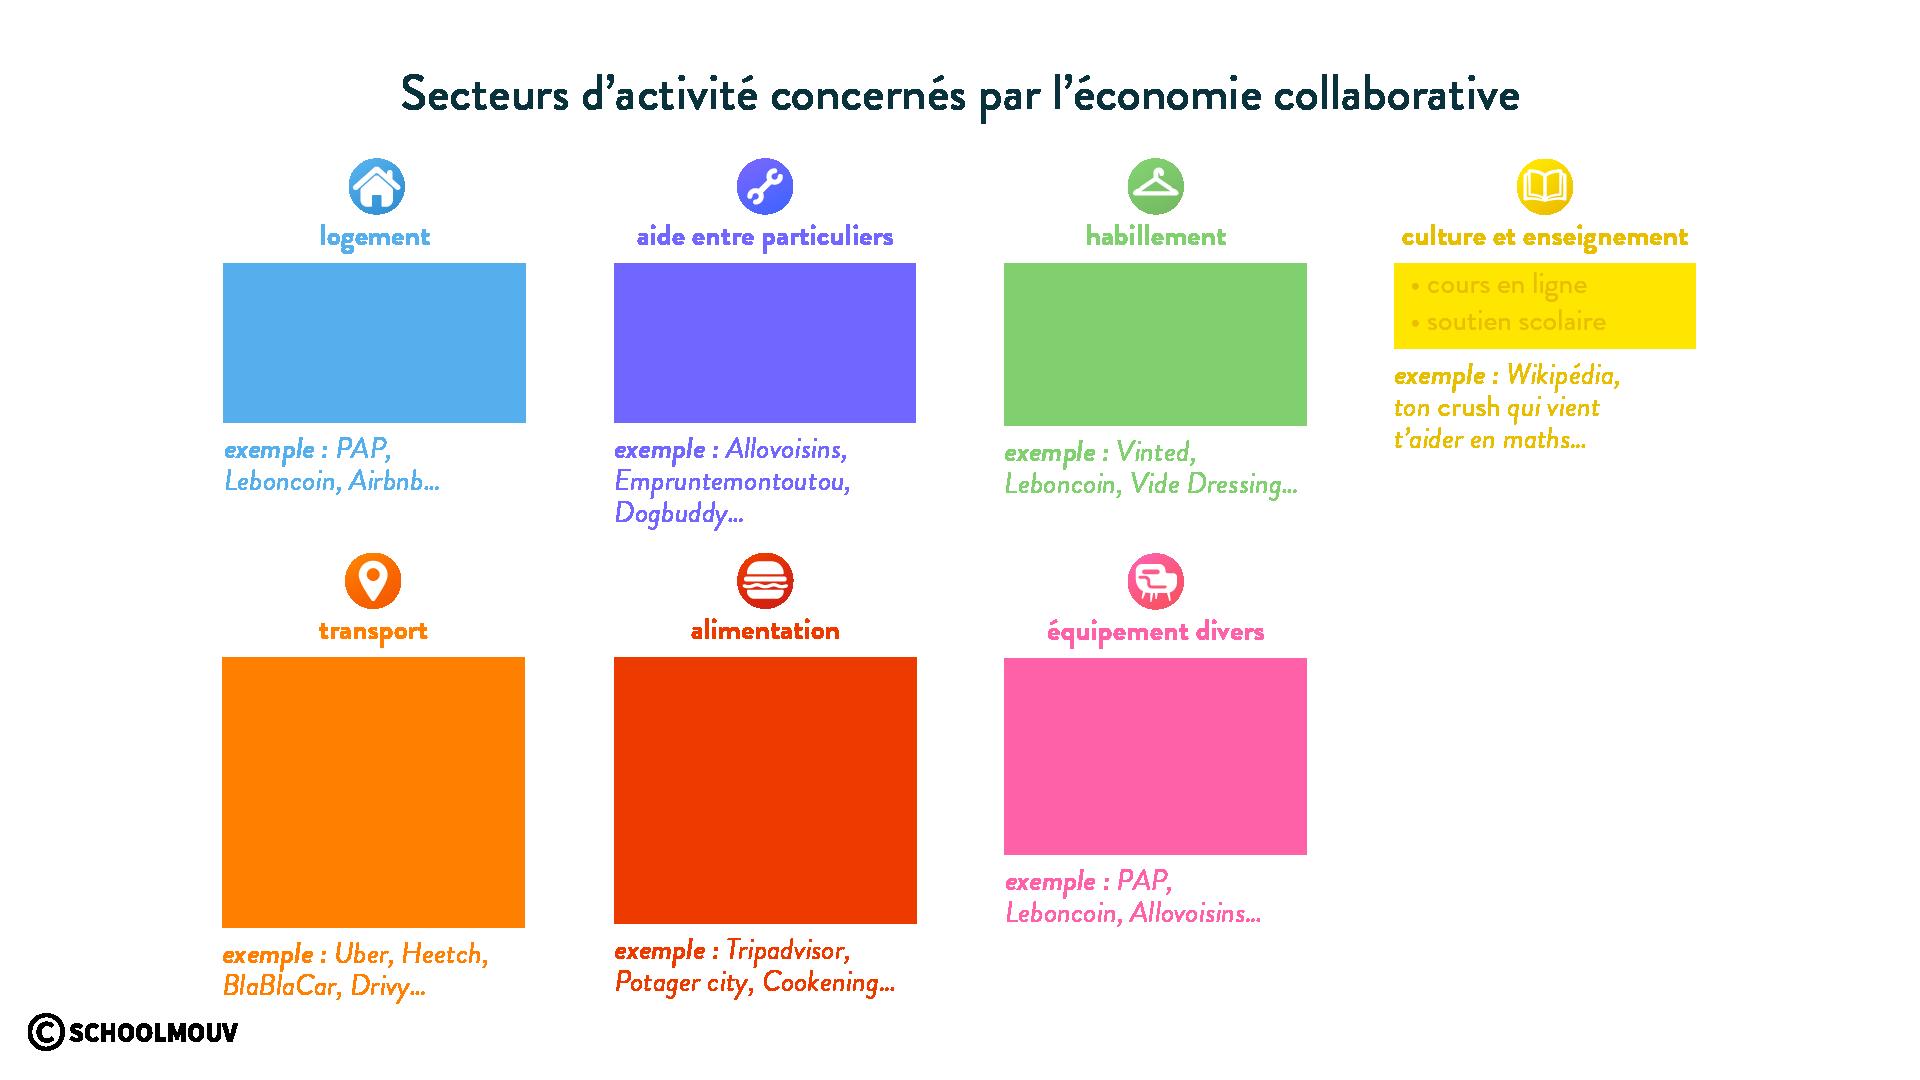 économie collaborative et secteurs d'activité